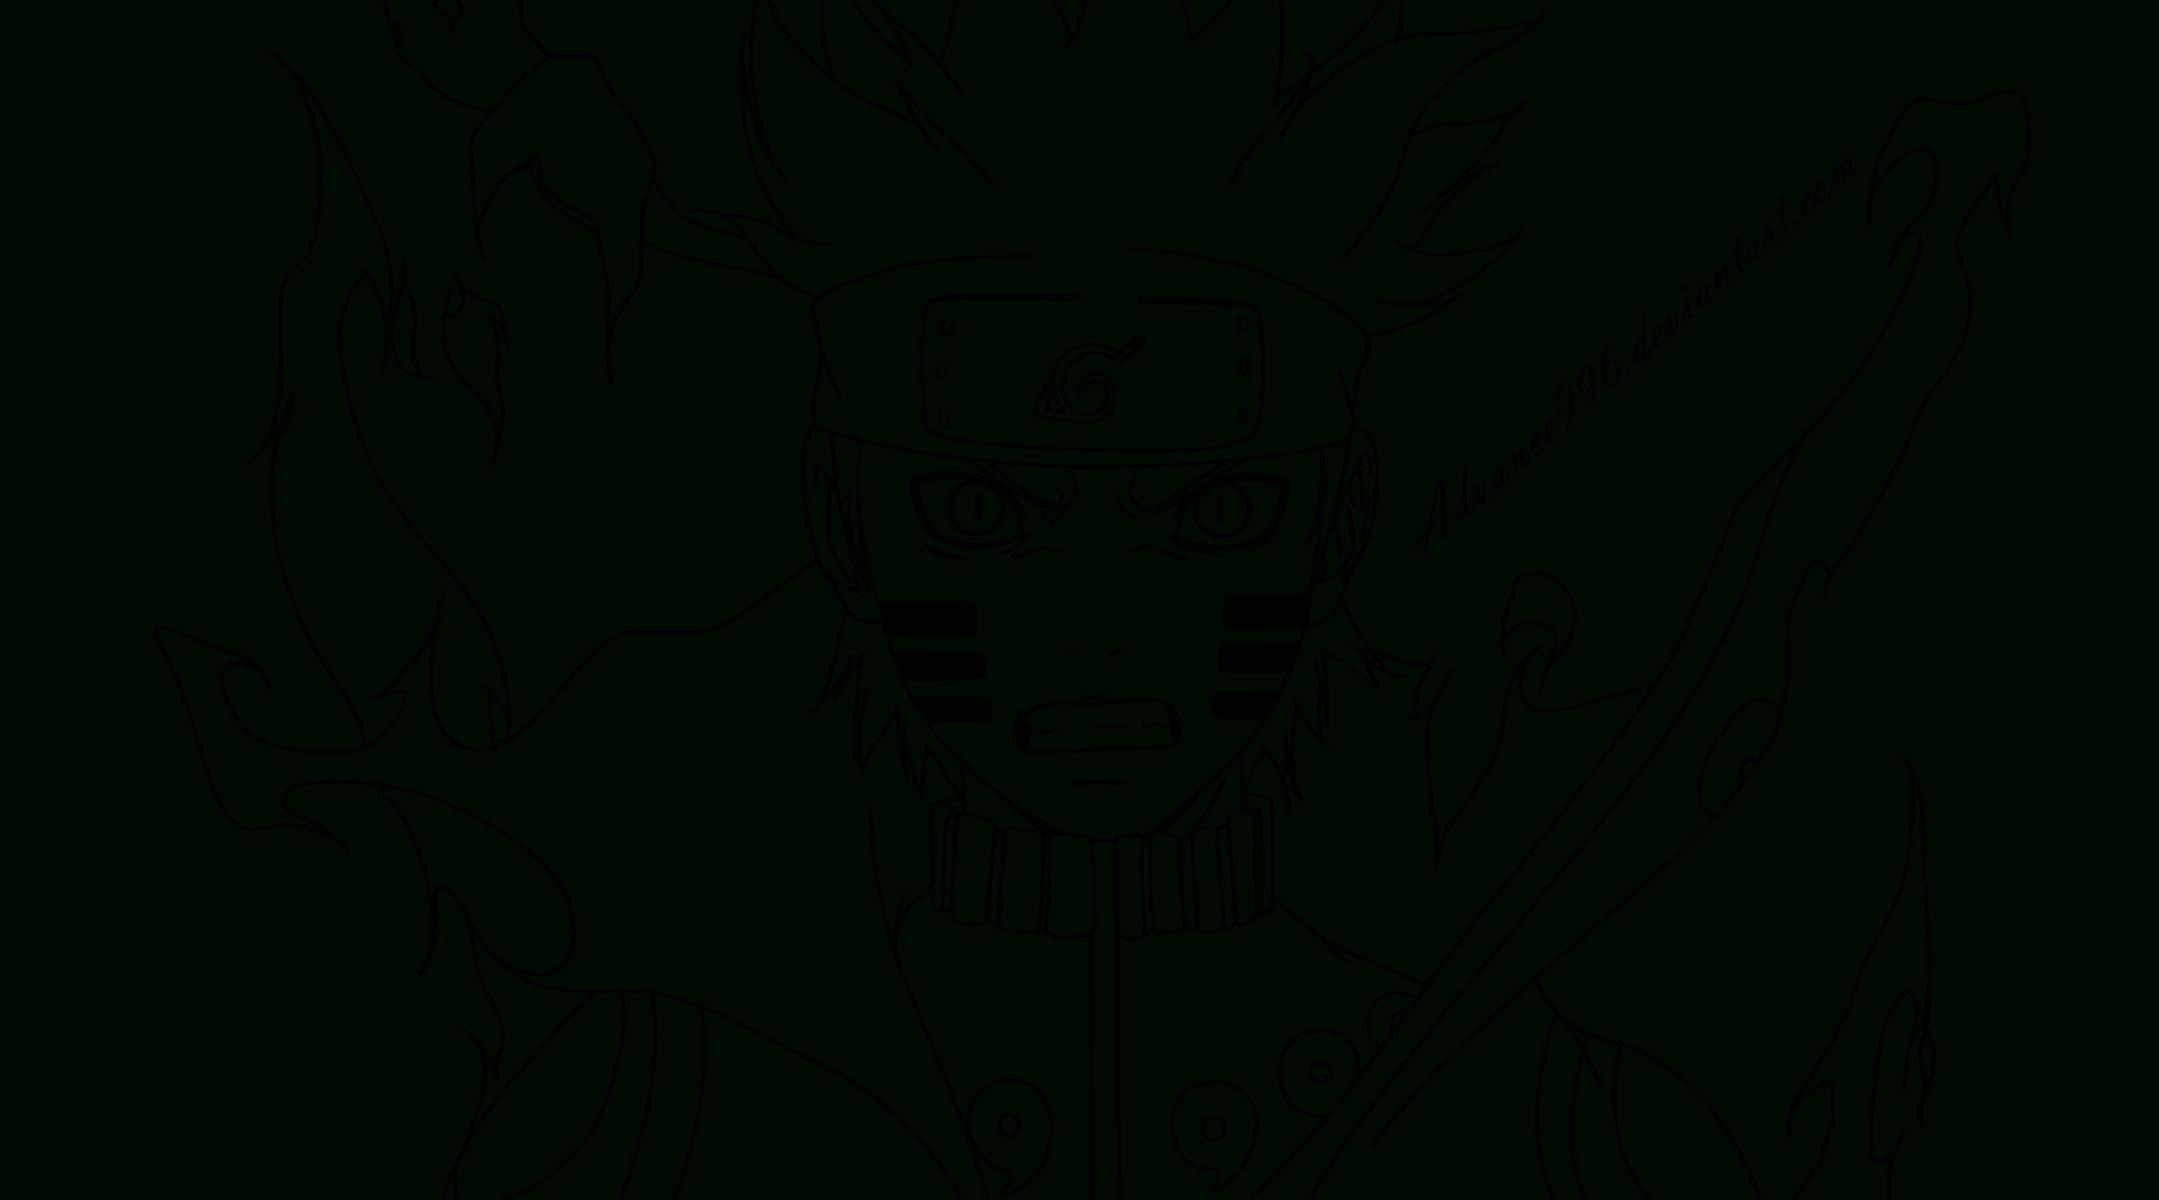 Dessins Gratuits À Colorier - Coloriage Naruto À Imprimer destiné Coloriage De Naruto Shippuden A Imprimer